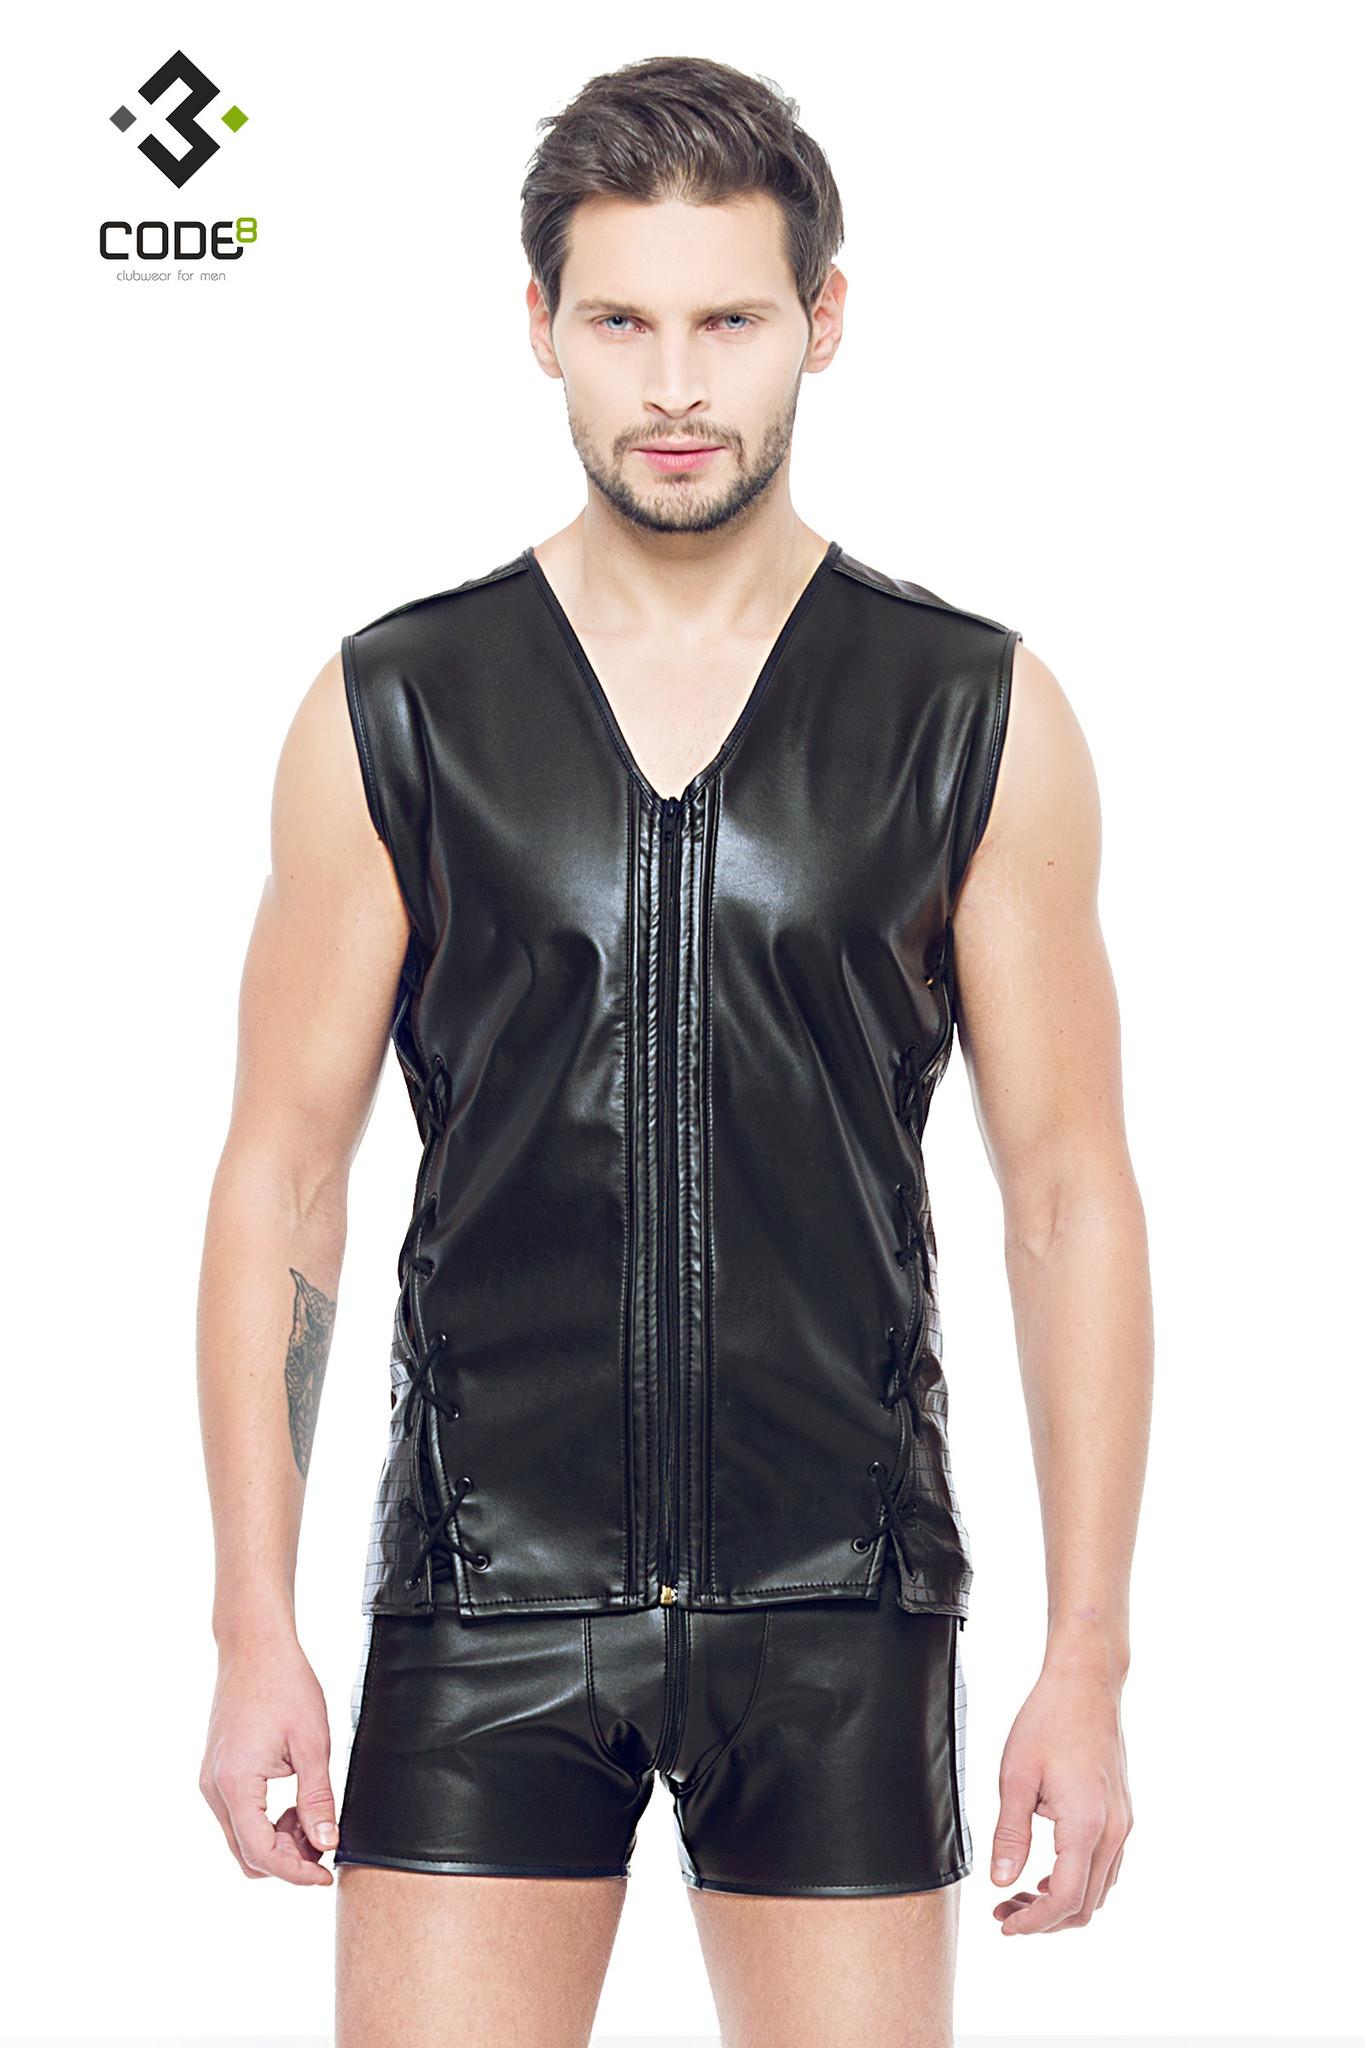 * Code8 by XXX COLLECTION Eco-leder mouwloos shirt met zwart gekleurde biezen